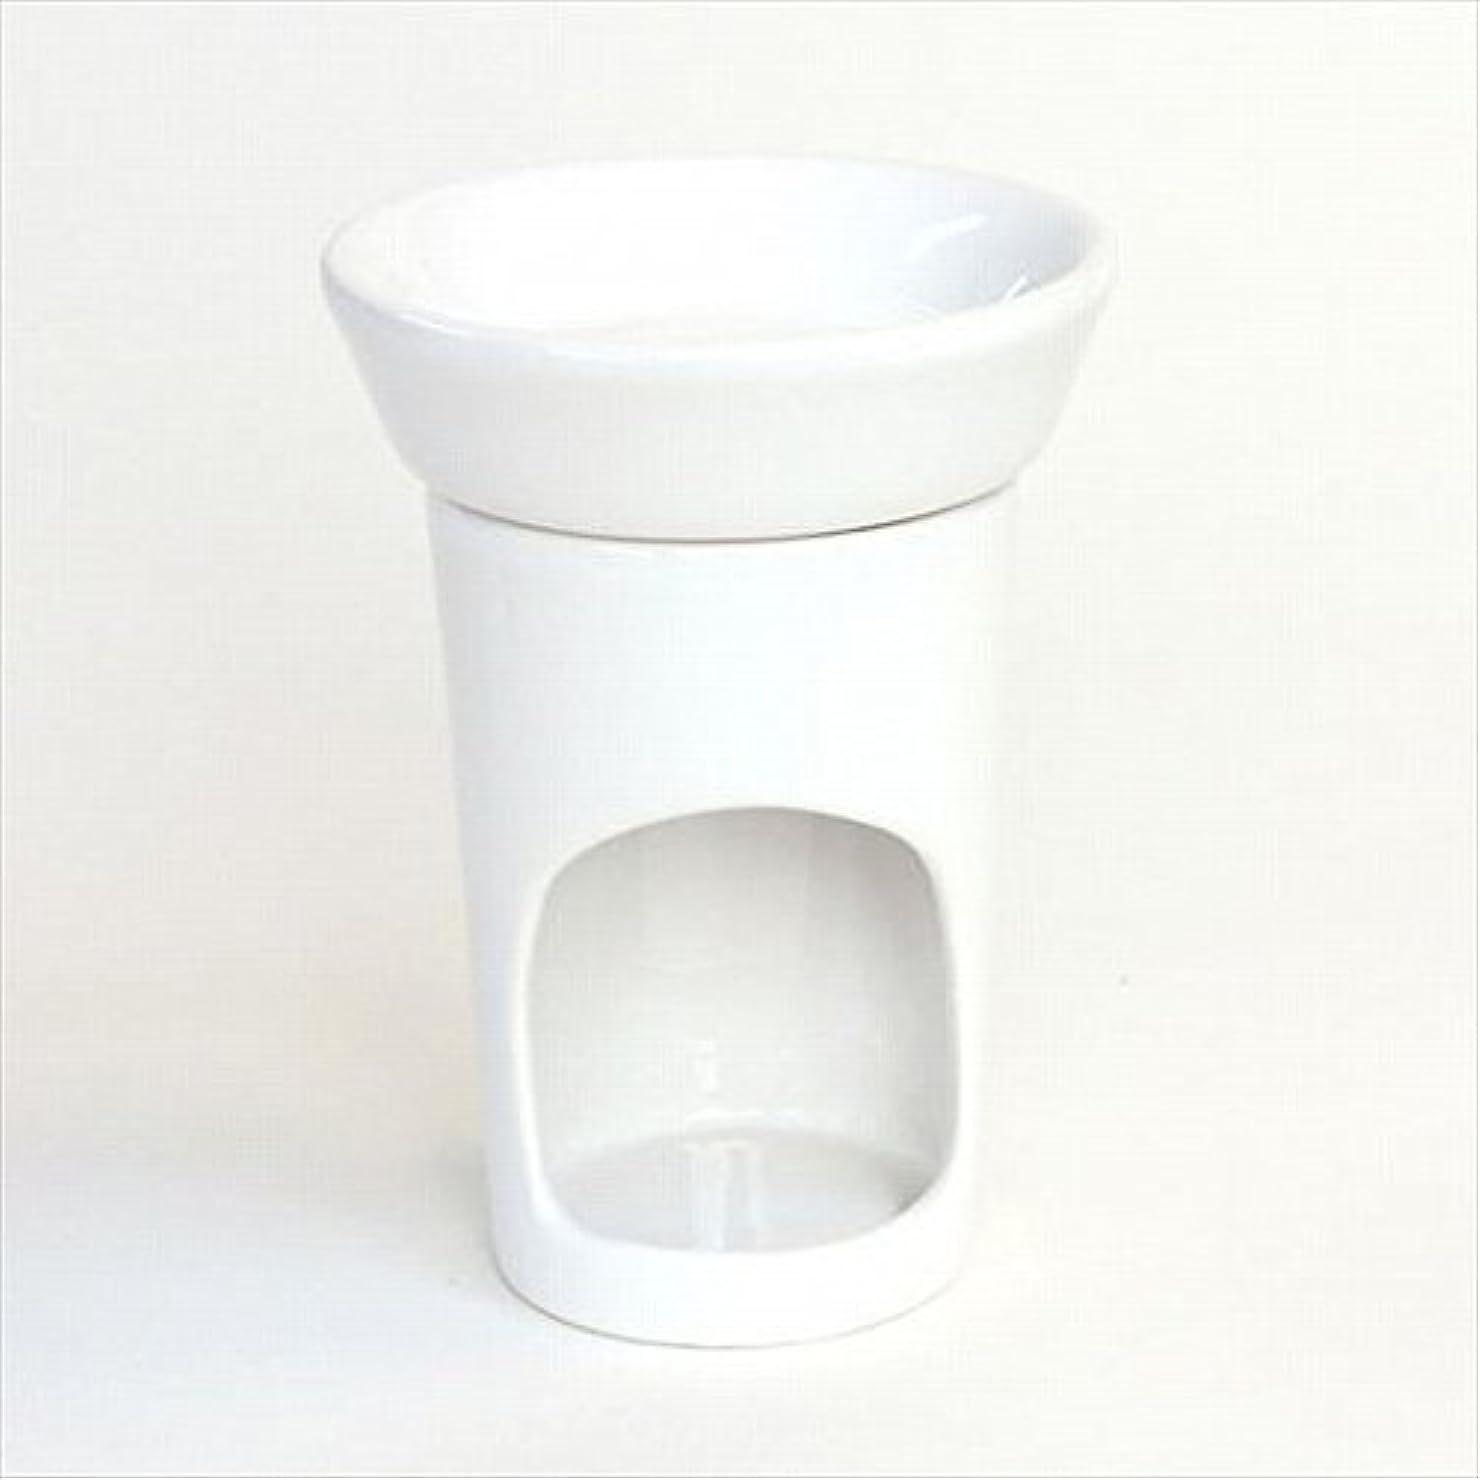 掃く色葉っぱkameyama candle(カメヤマキャンドル) ブランタルトウォーマー キャンドル 78x78x116mm (J5250000)